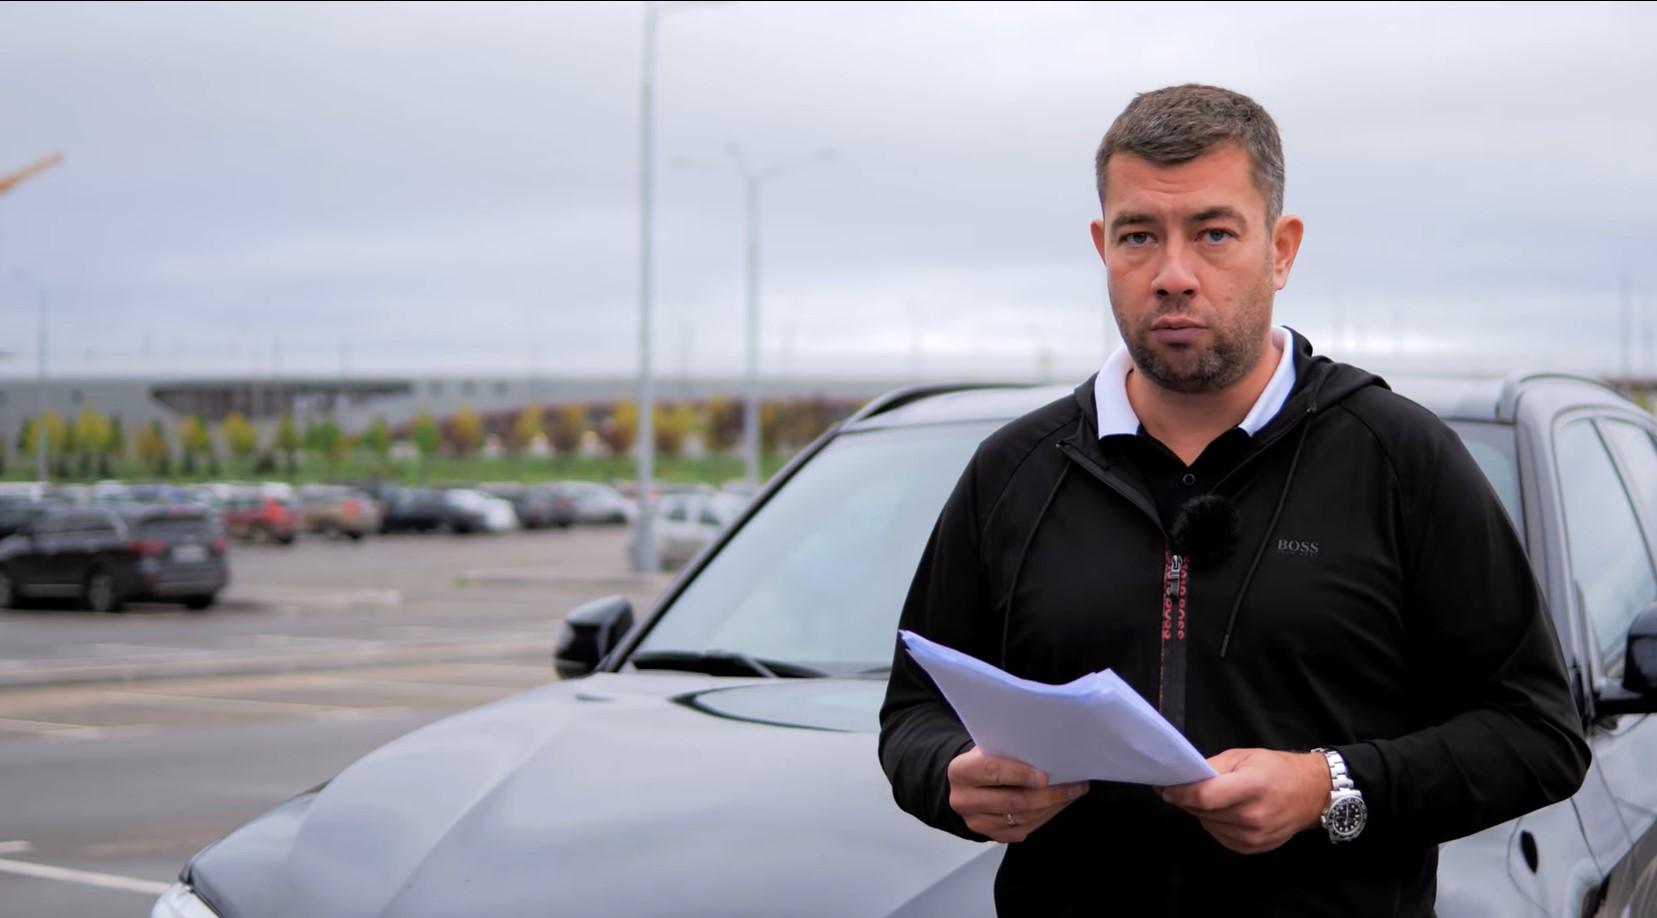 Водителей в РФ обманывают в автосалонах на сотни тысяч рублей из-за невнимательности